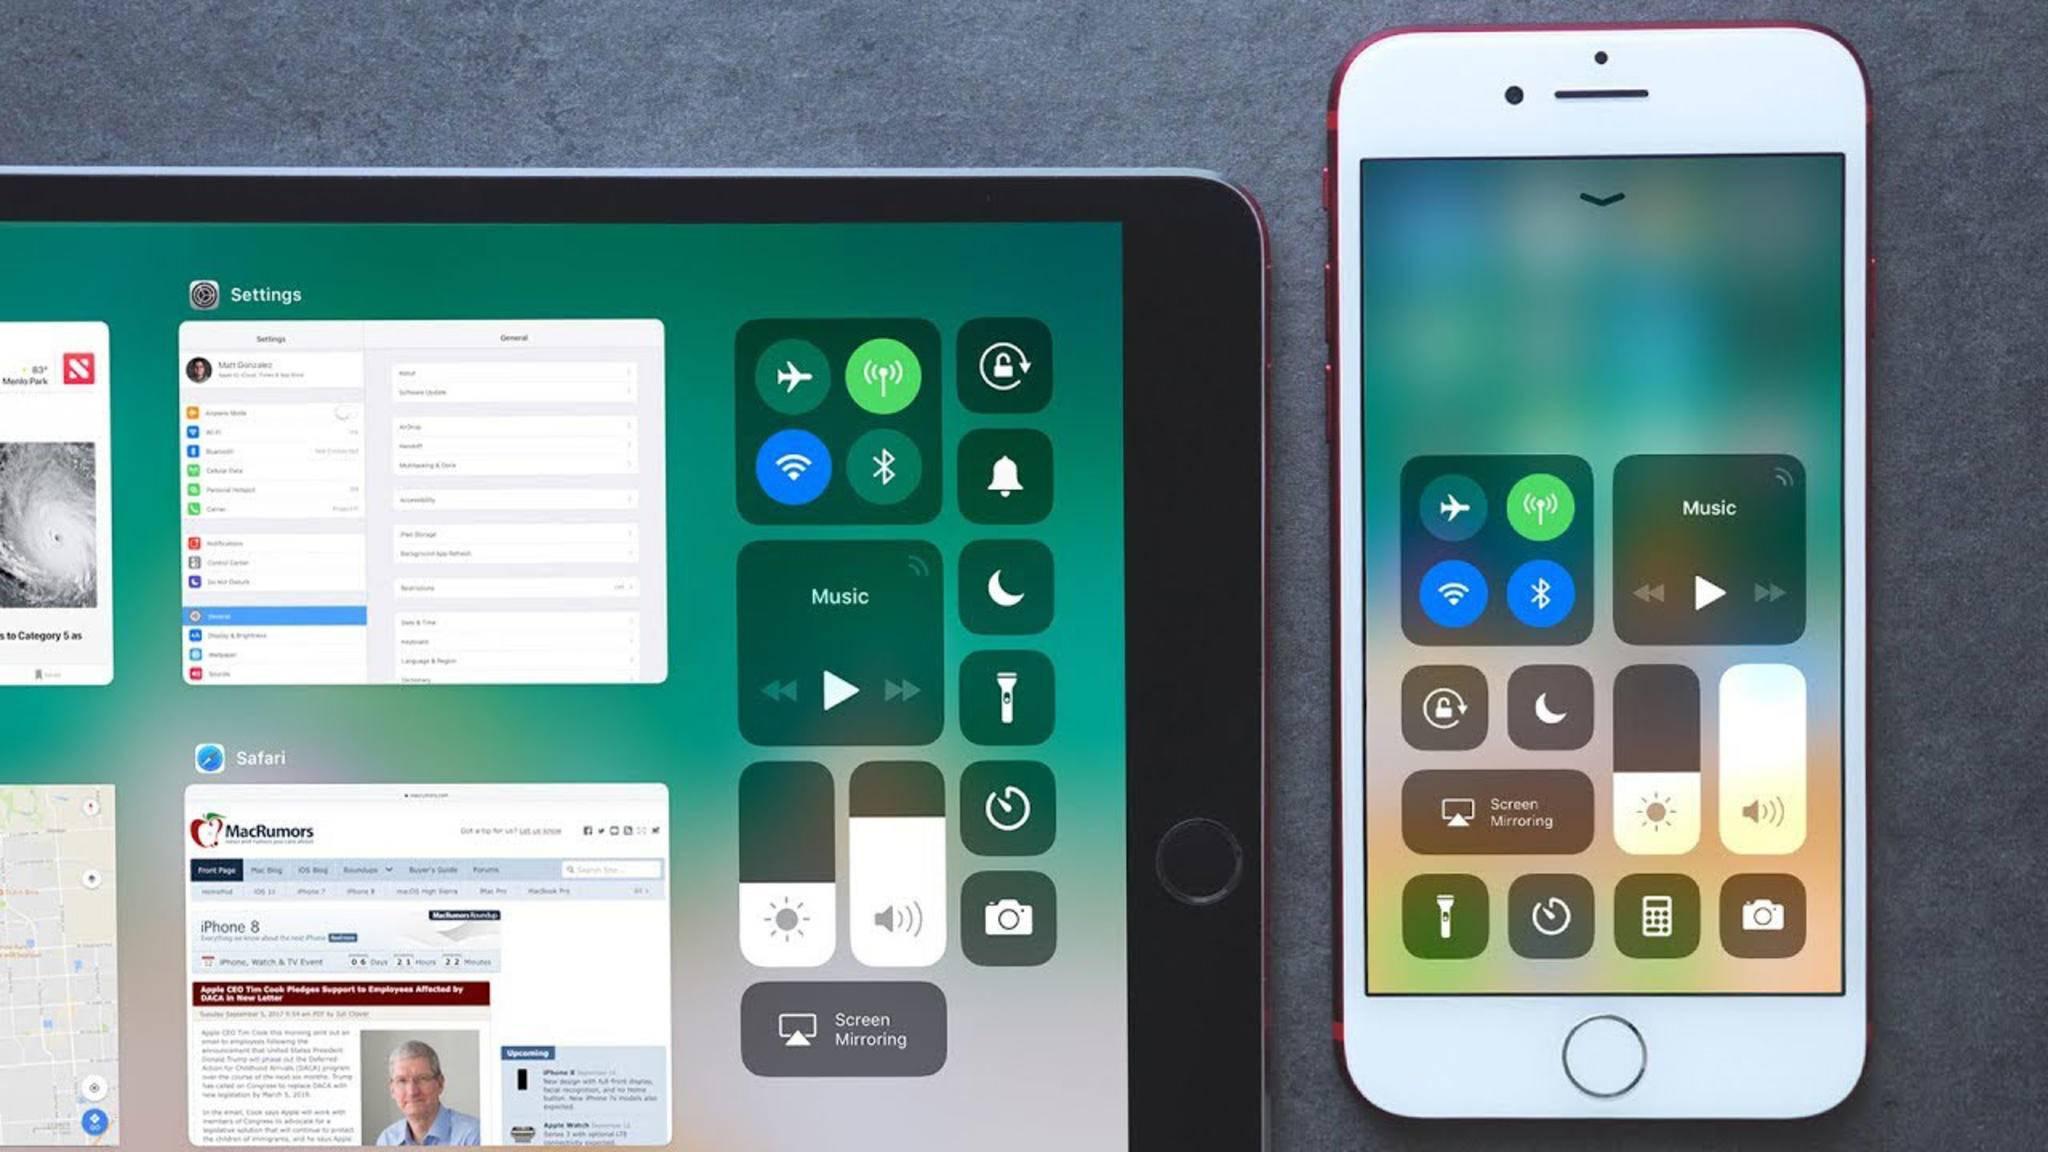 Das neue Kontrollzentrum von iOS 11 bietet einige Vorteile im Umgang mit WLAN und Bluetooth.